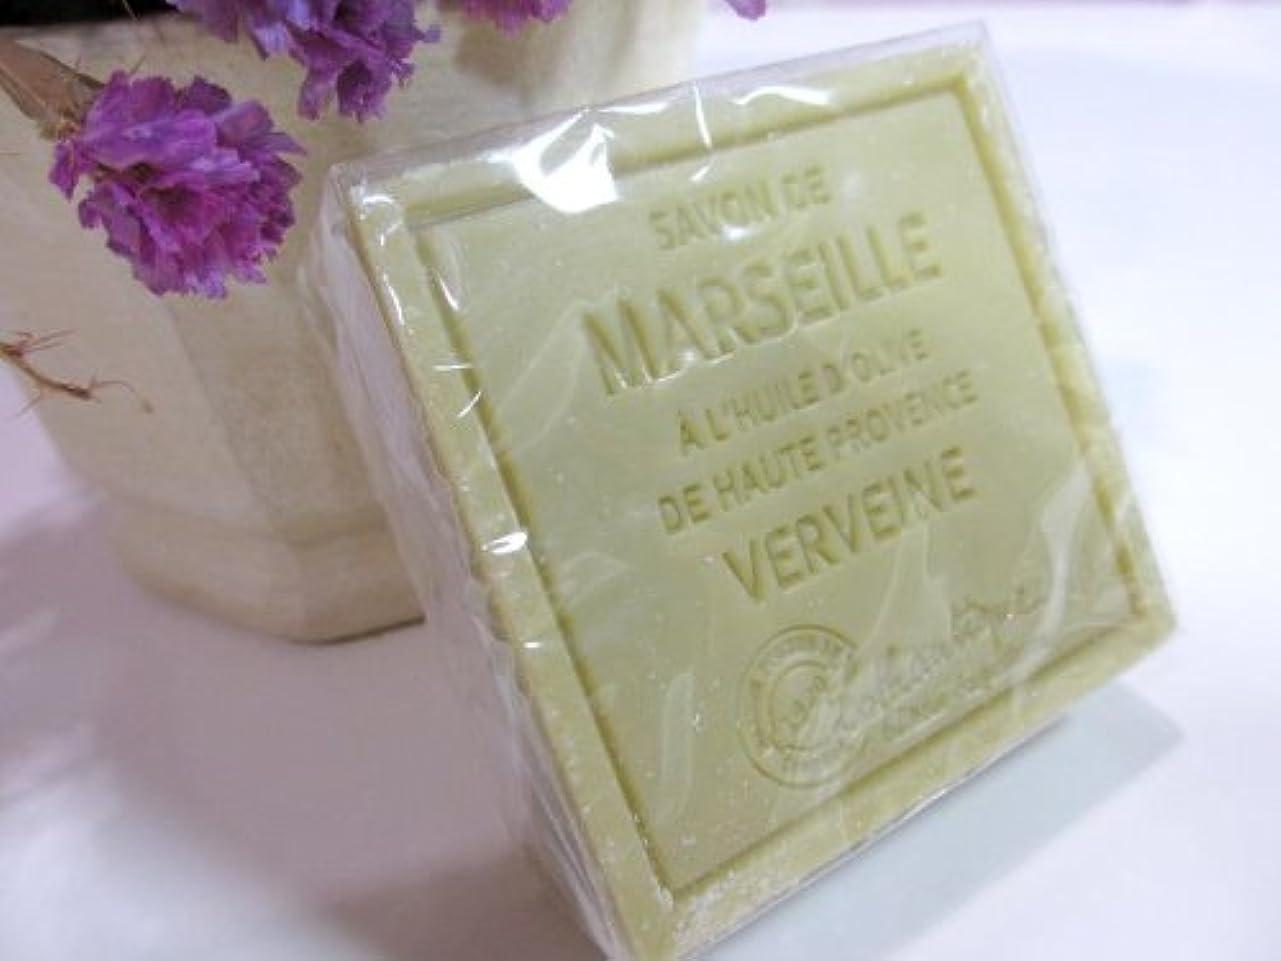 特許潤滑する運ぶLothantique(ロタンティック) Les savons de Marseille(マルセイユソープ) マルセイユソープ 100g 「ベルベーヌ」 3420070038142